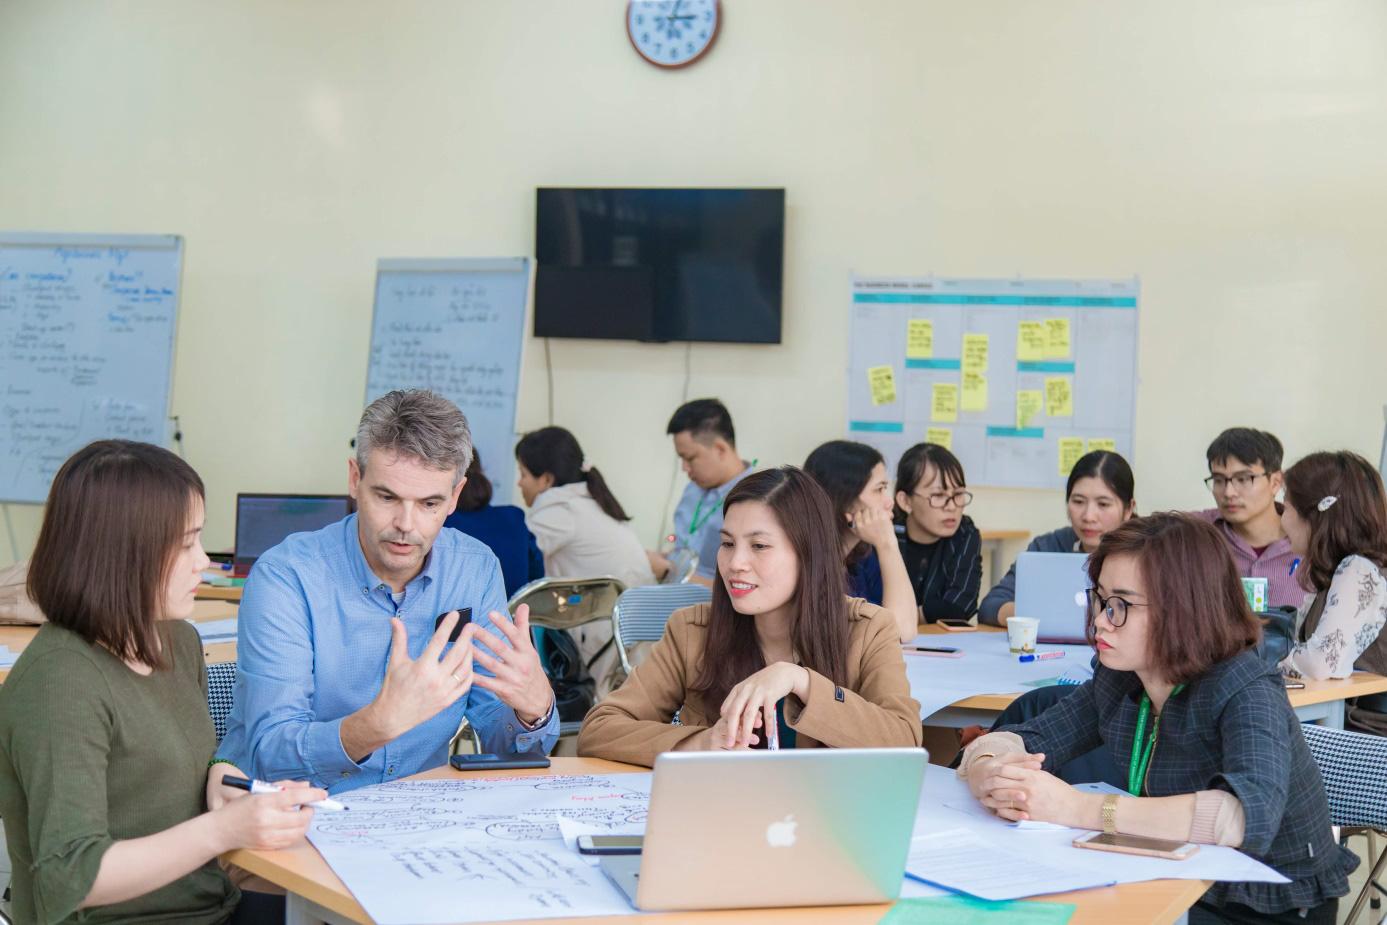 Học quản lý hợp tác xã ở đất nước chỉ có 2.500 hợp tác xã nhưng góp 18% GDP - Ảnh 3.